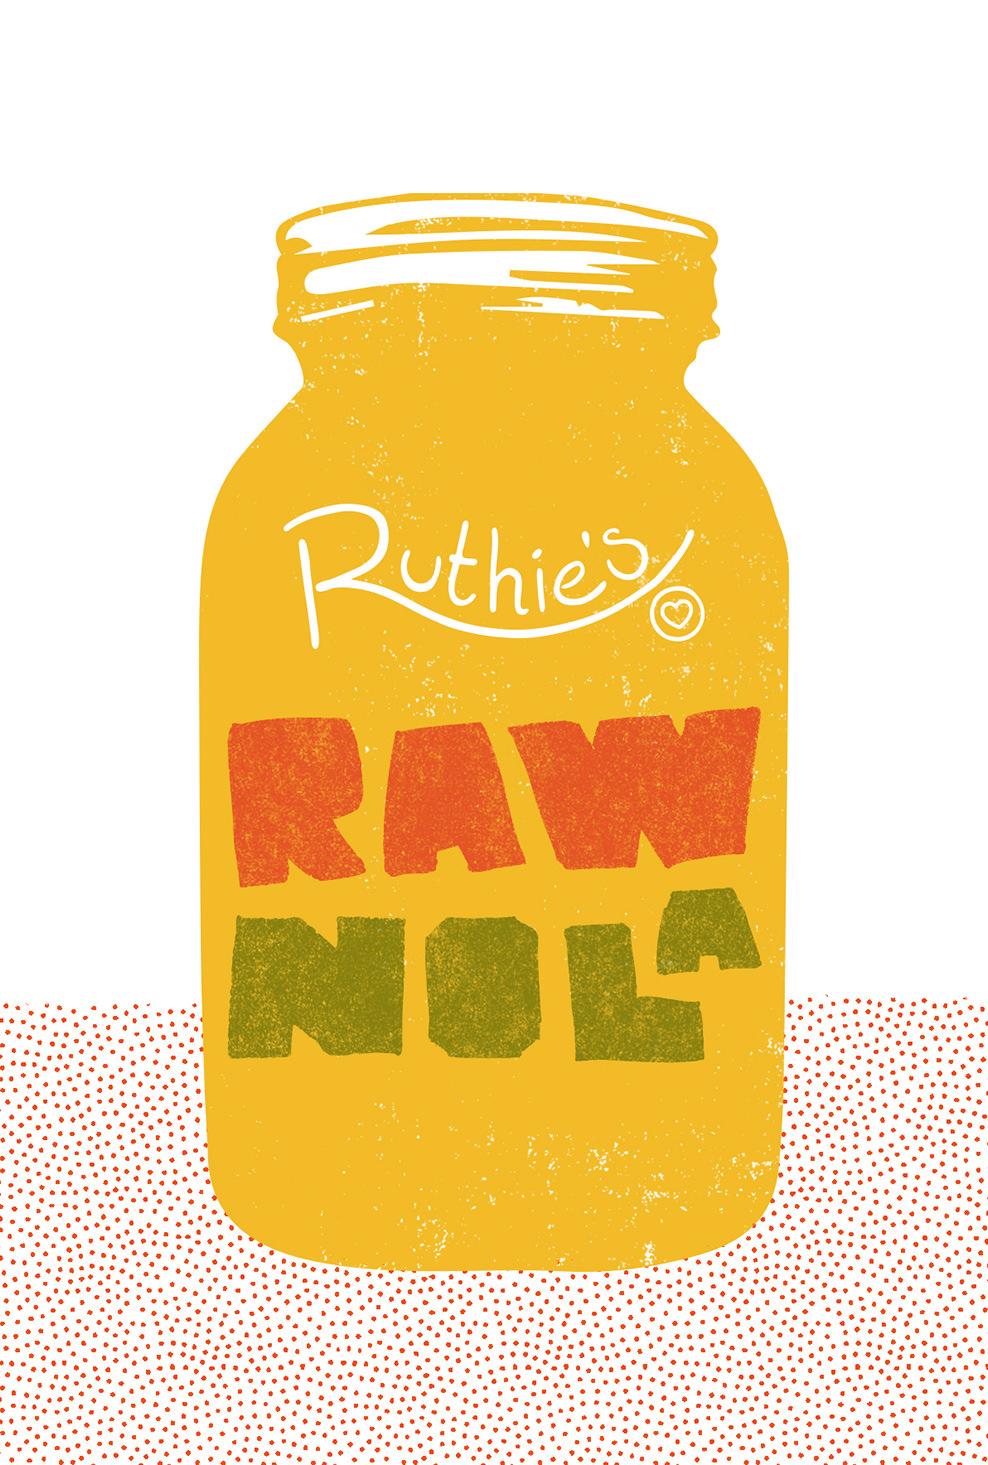 Ruthies_rawnola_3.jpg